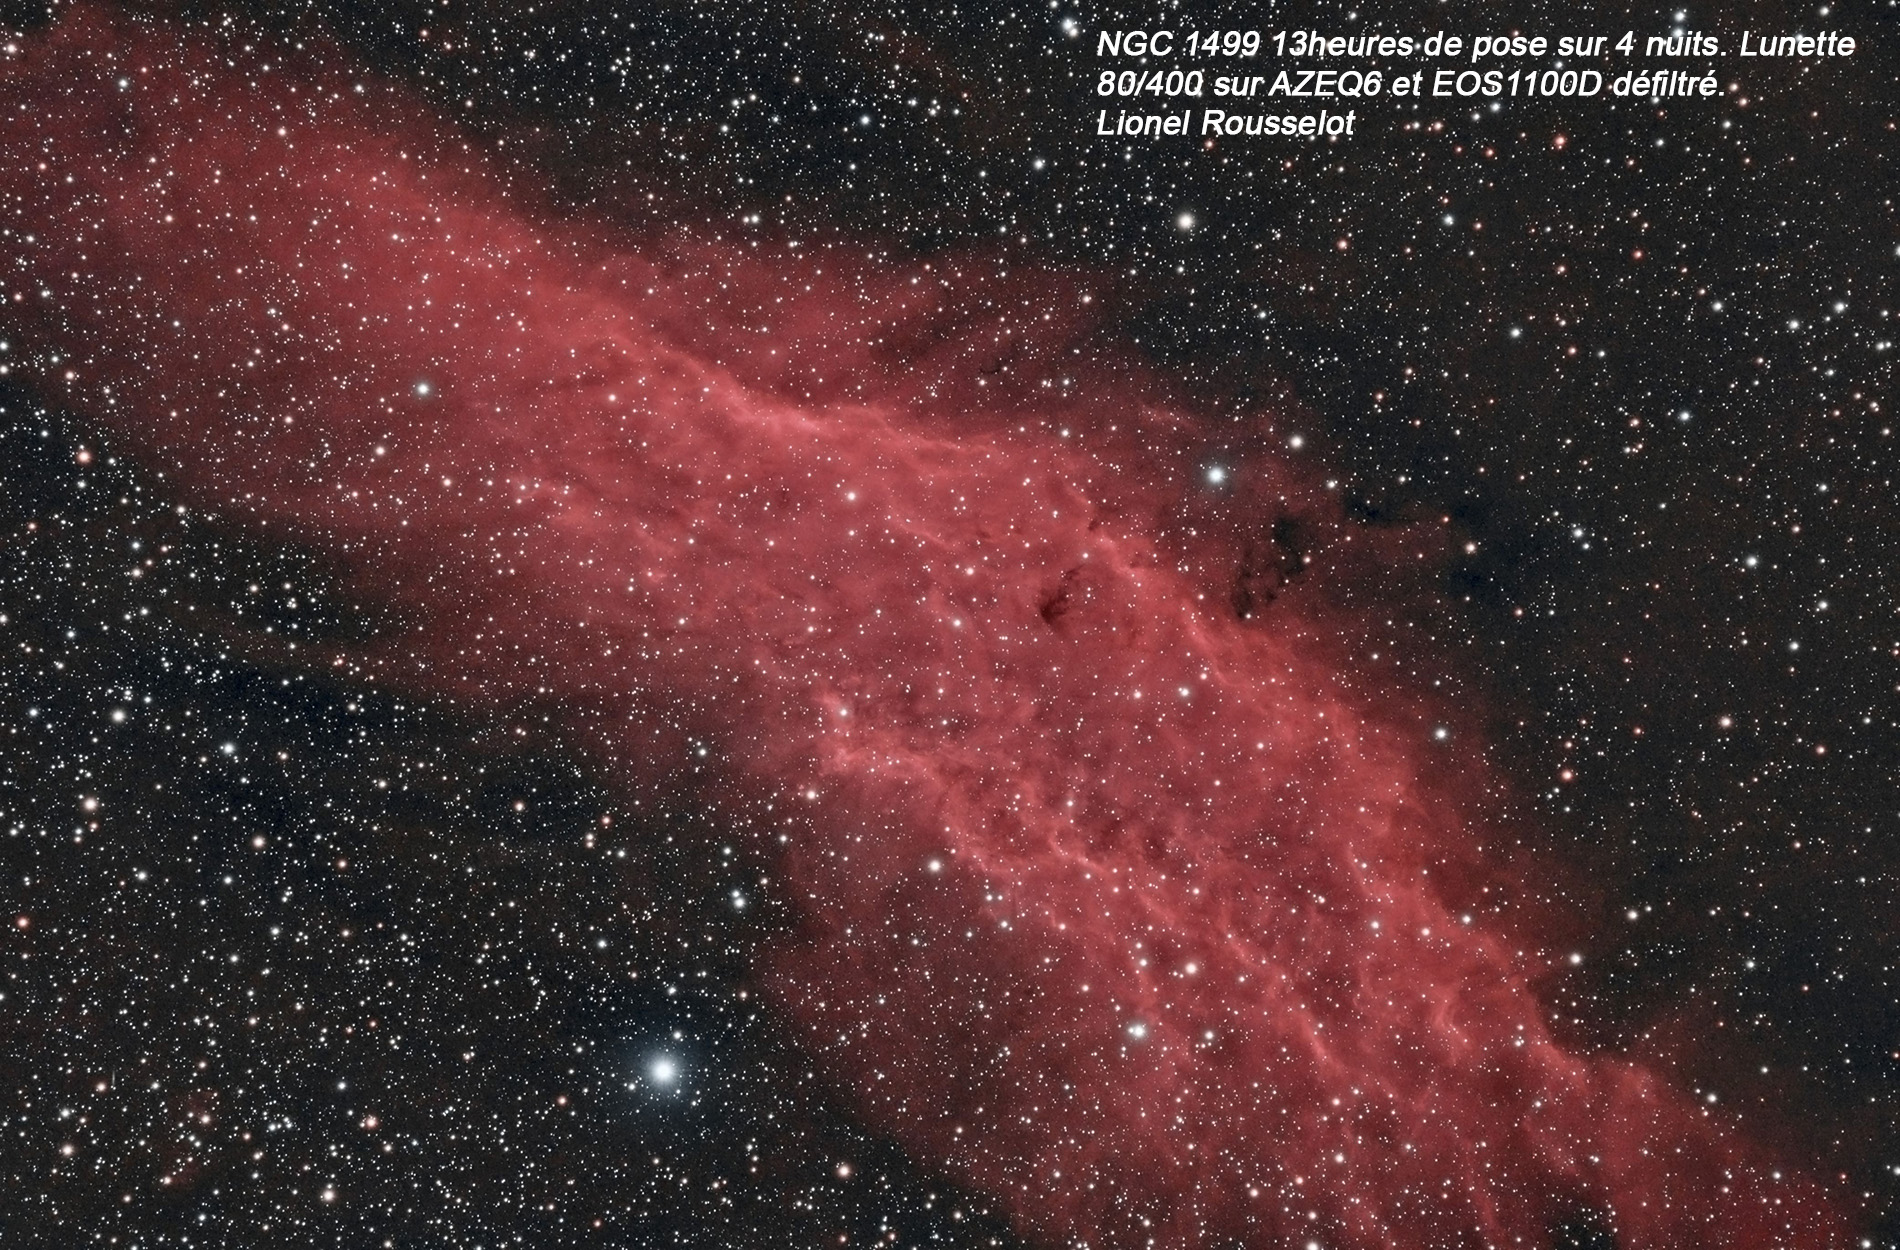 """NGC 1499 """"Lionel Rousselot"""""""